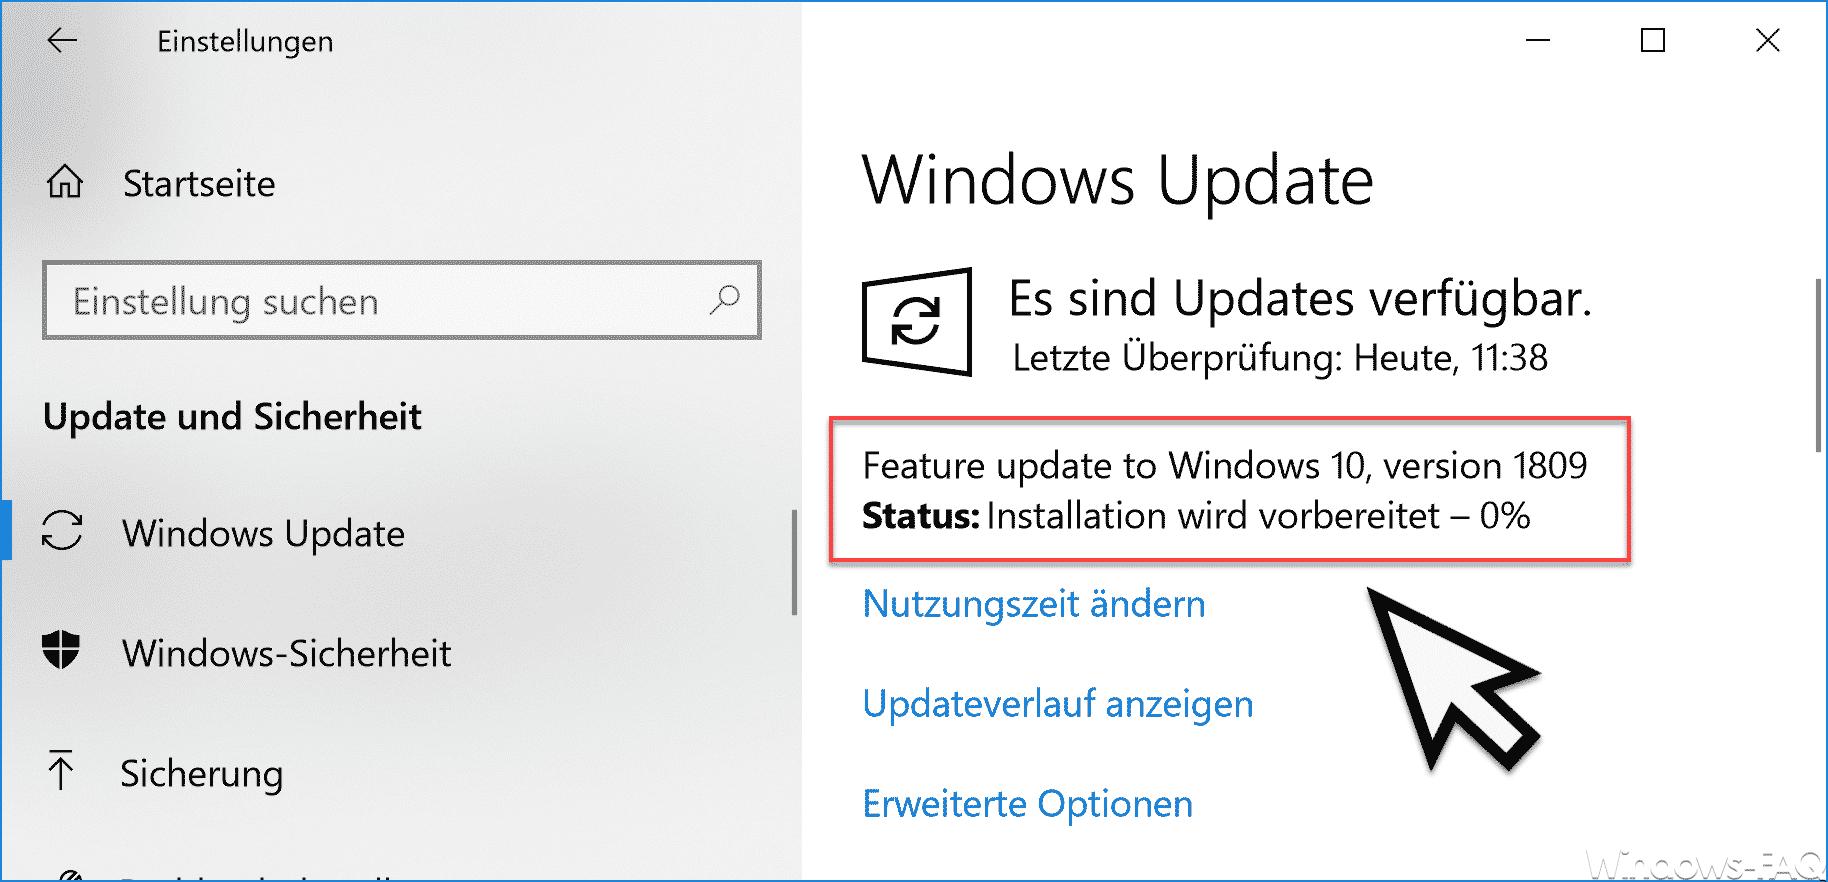 Feature Update Windows 10 Version 1809